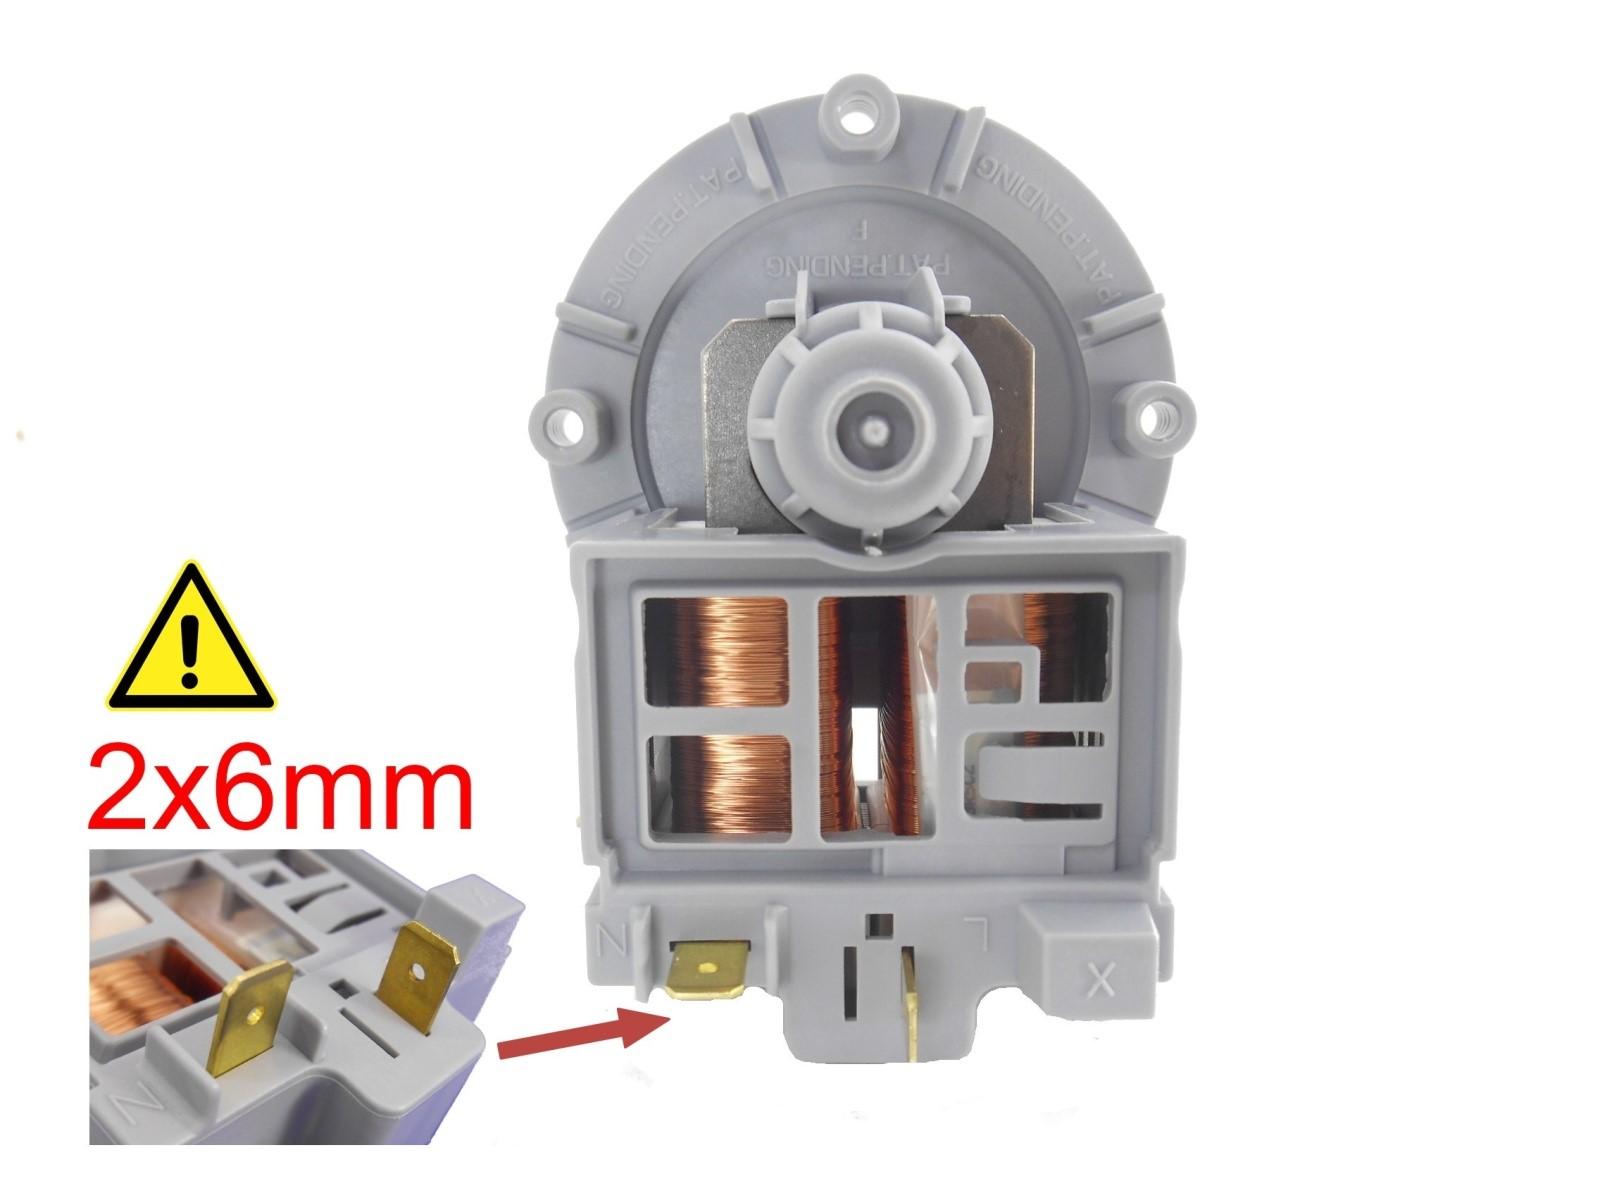 Na obrázku nad tímto textem vidíte konektory pro připojení kabelů, umístěny jednotlivě na spodní straně motorku. Pokud máte takové konektory, klikněte na obrázek. Pokud máte jiné, pokračujte dále ve výběru možností.